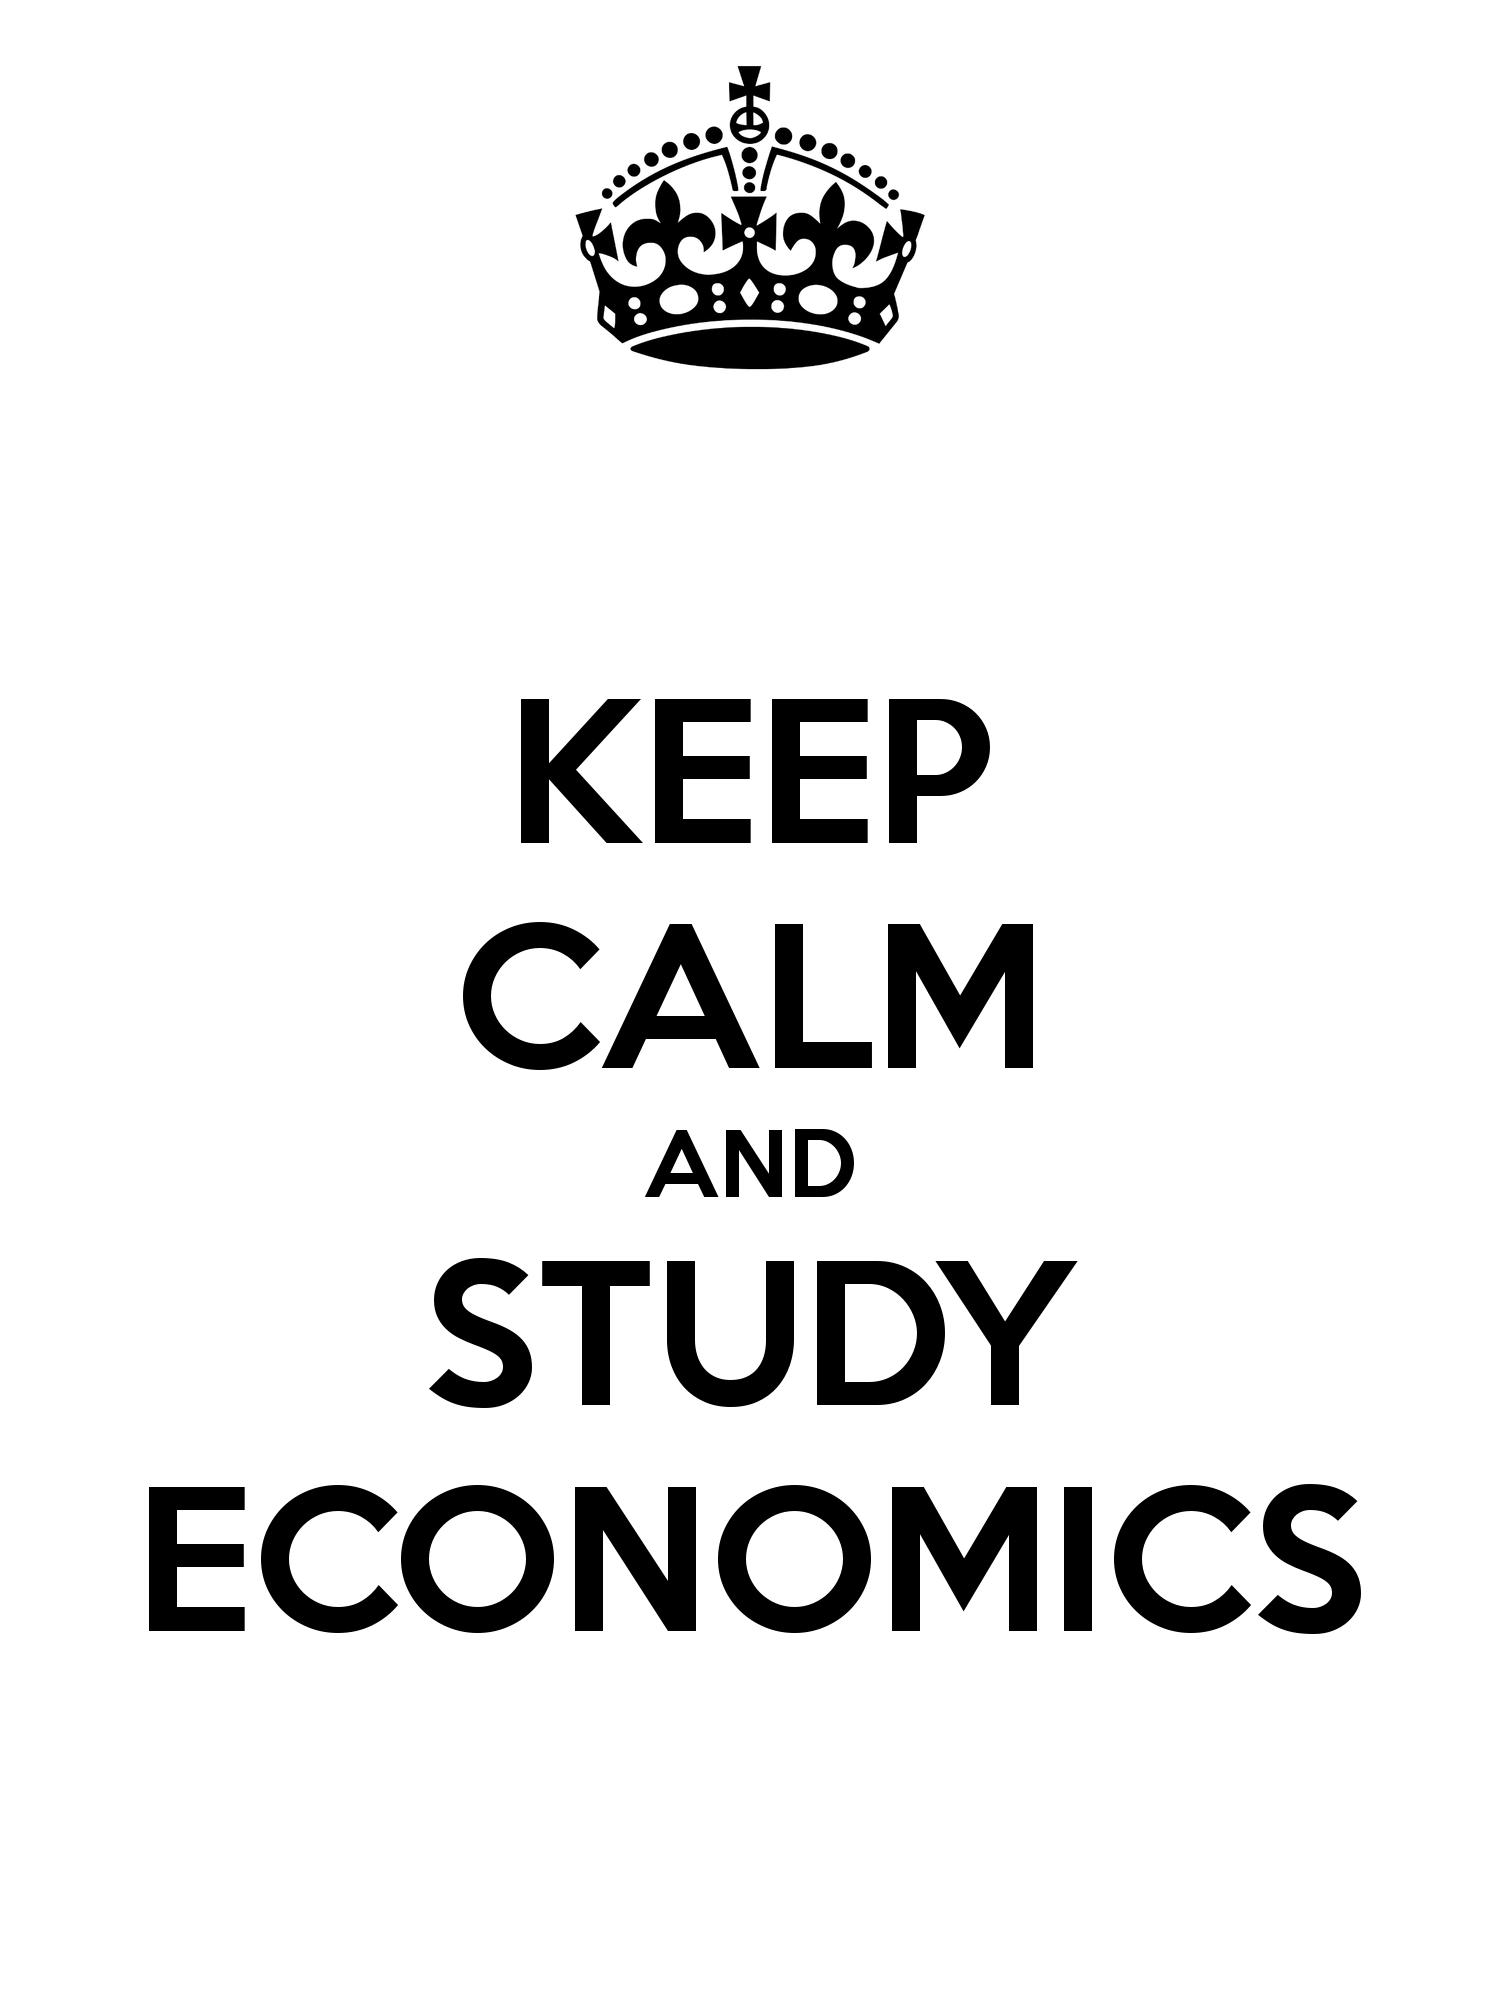 Economics Clip Art Free Clipart Panda